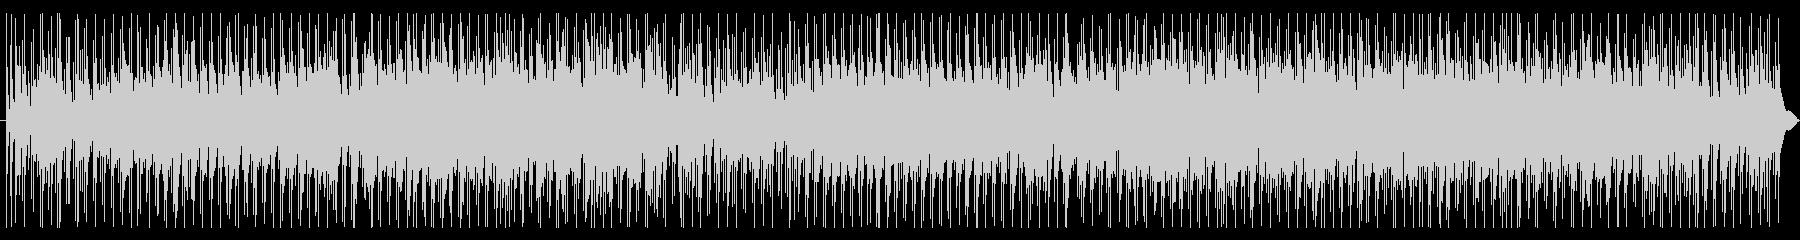 ピアノ主体ジャズ調のムード曲ですの未再生の波形